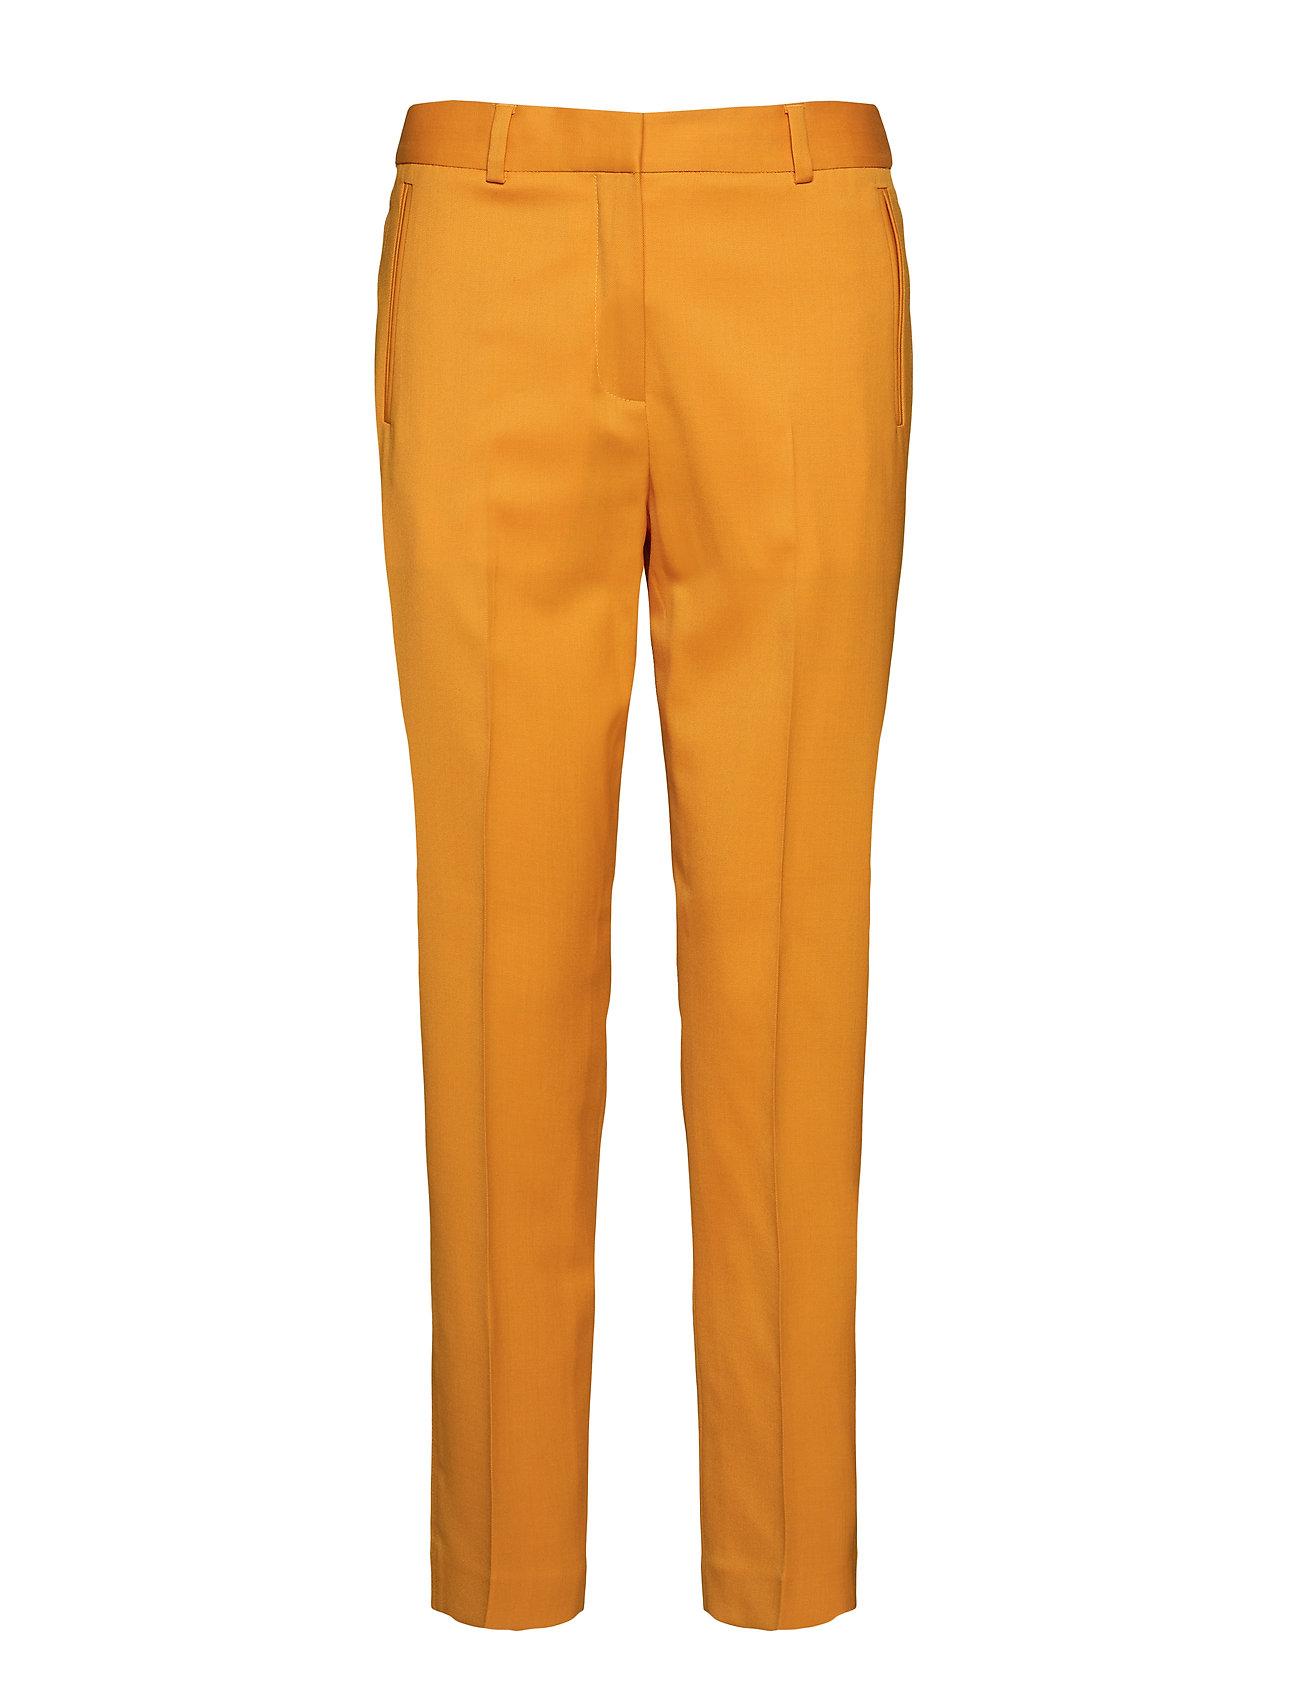 Image of Stripe Insert Stl An Bukser Med Lige Ben Gul Calvin Klein (3109690481)